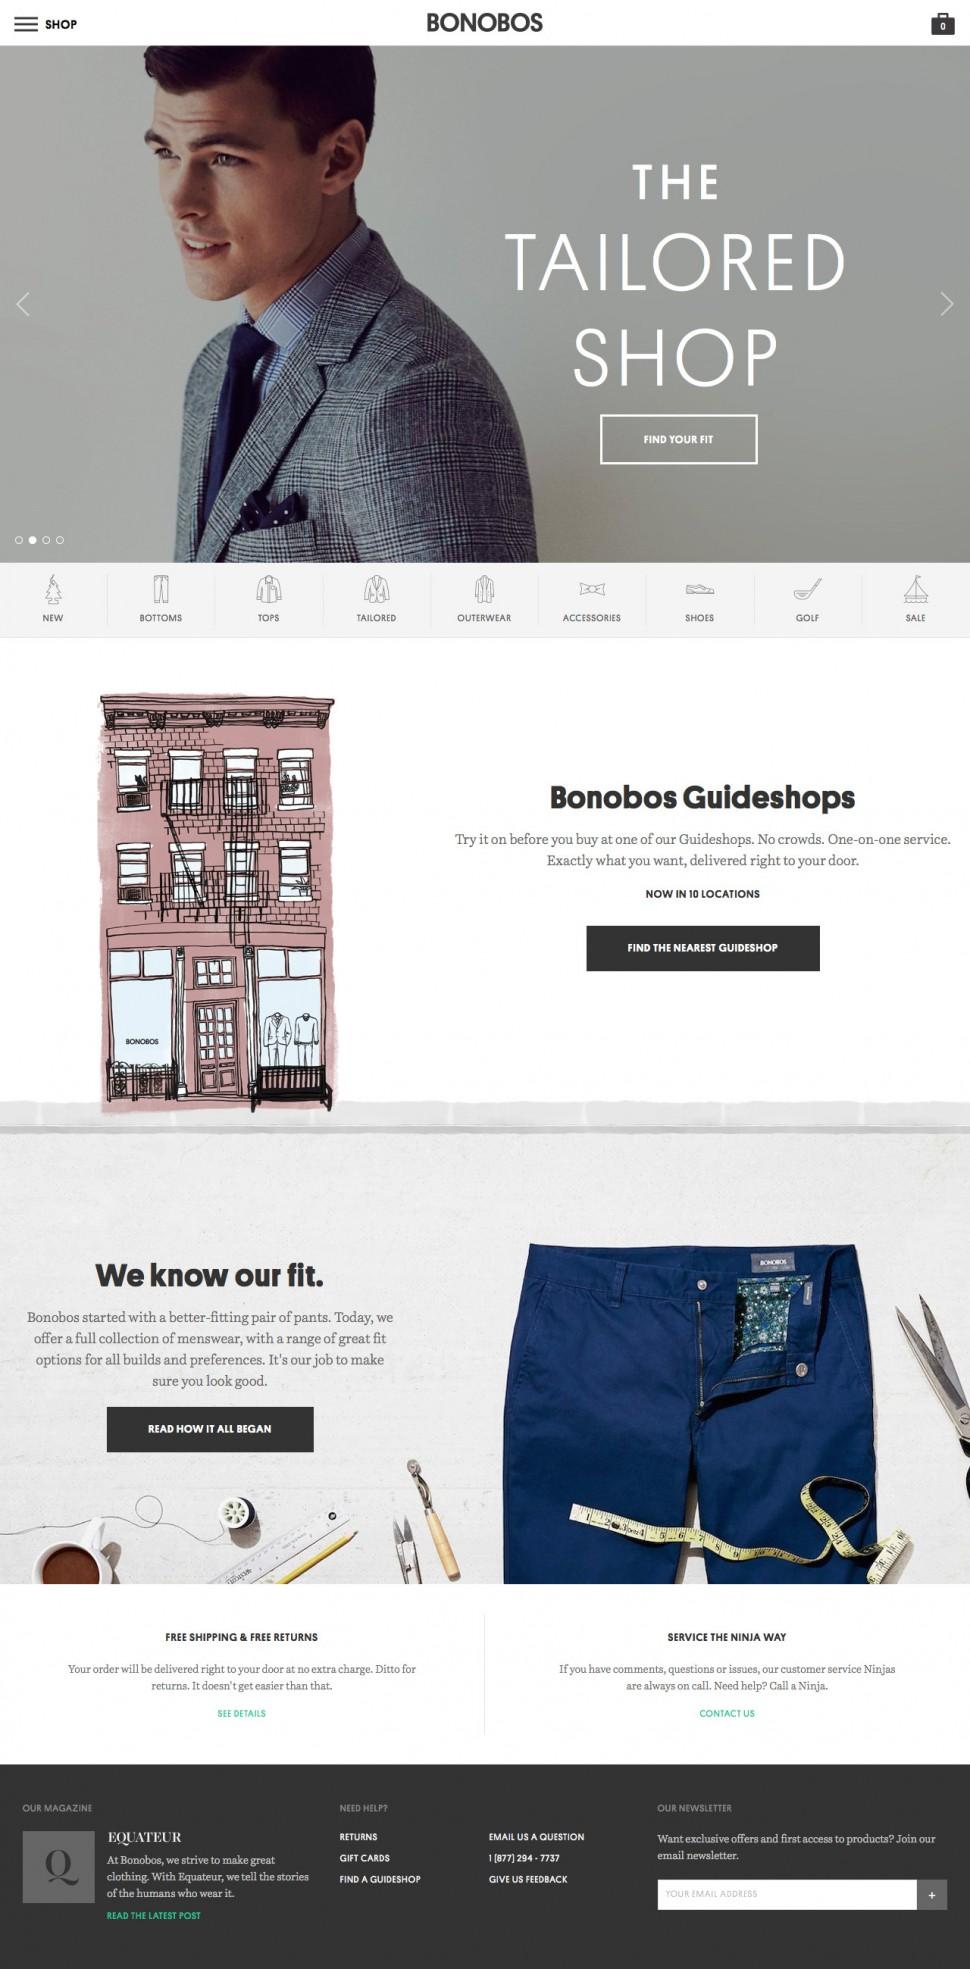 bonobos - home page